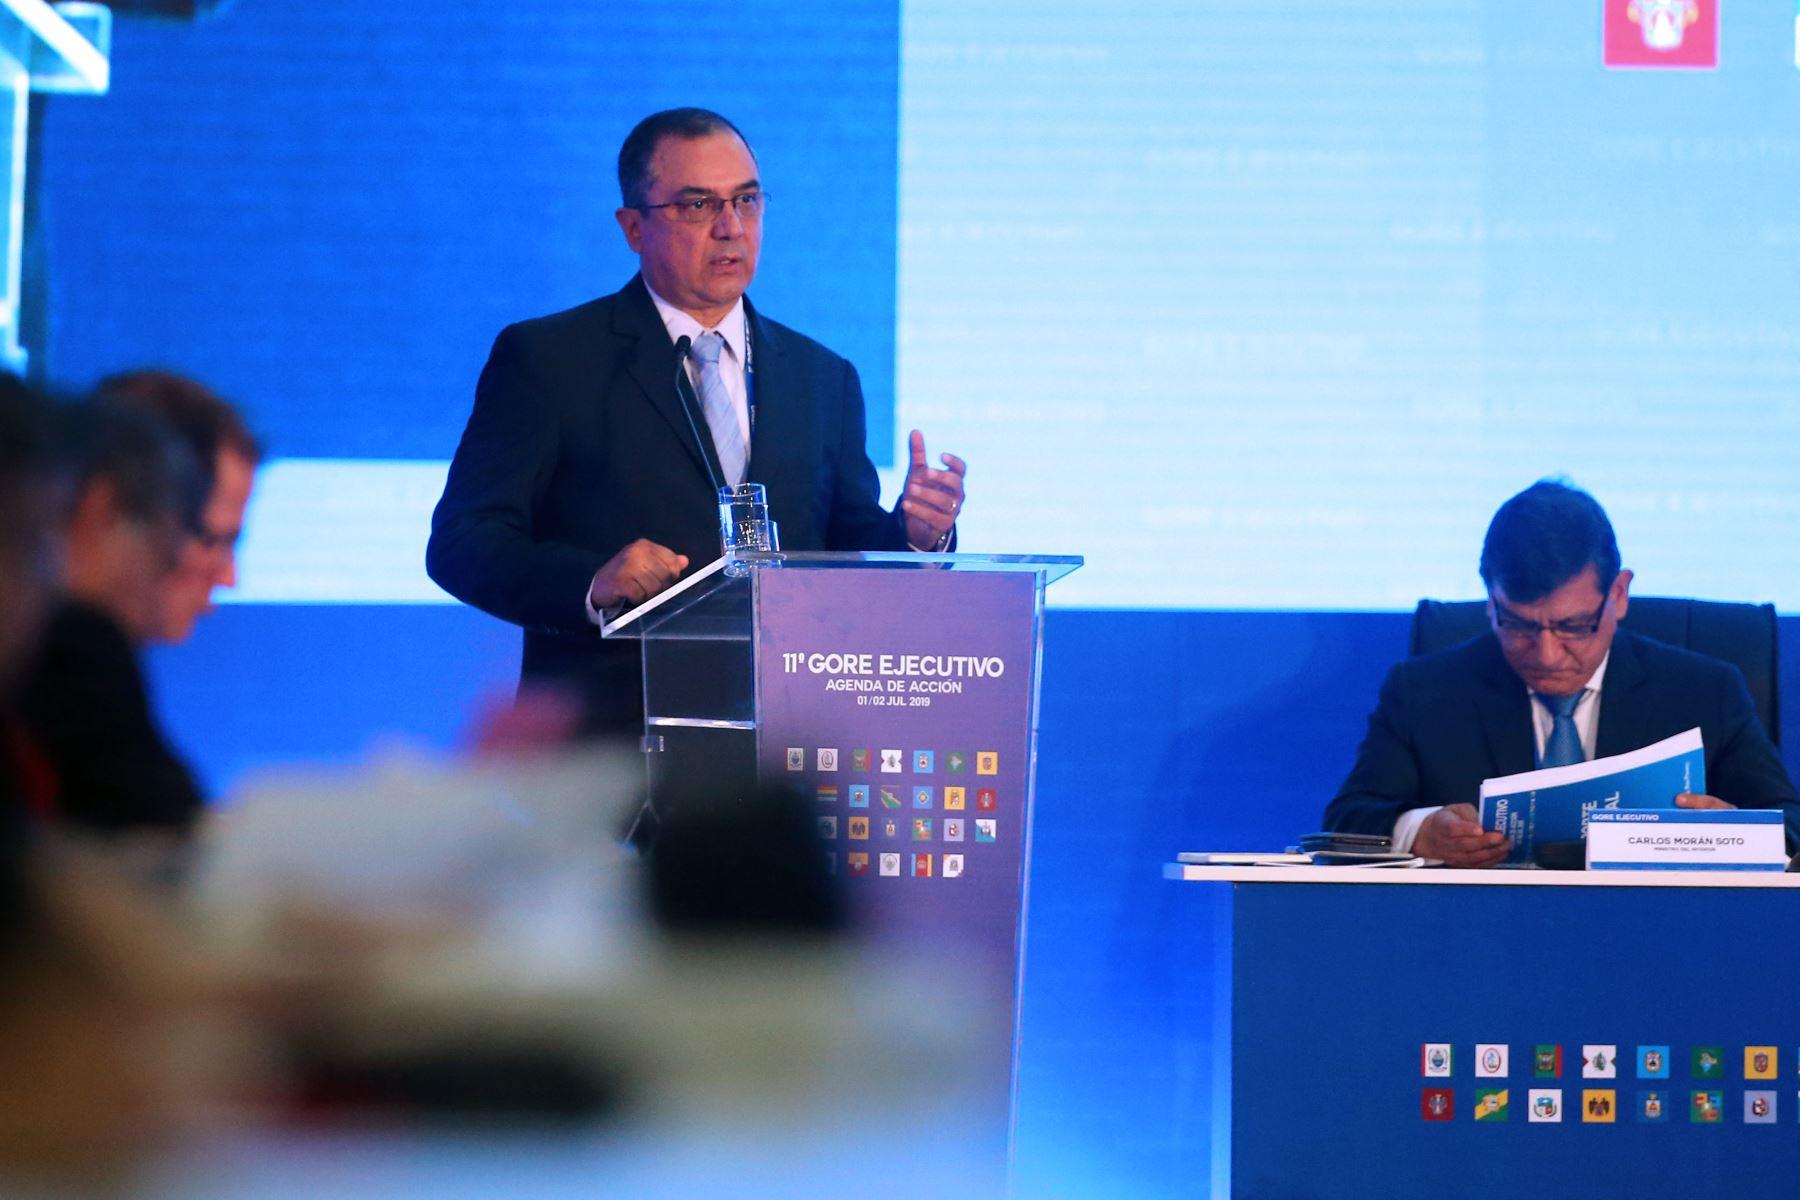 Ministro de Economía y Finanzas, Carlos Oliva, participa en 11° GORE Ejecutivo donde presenta los avances en ejecución presupuestal. Foto: ANDINA/Vidal Tarqui